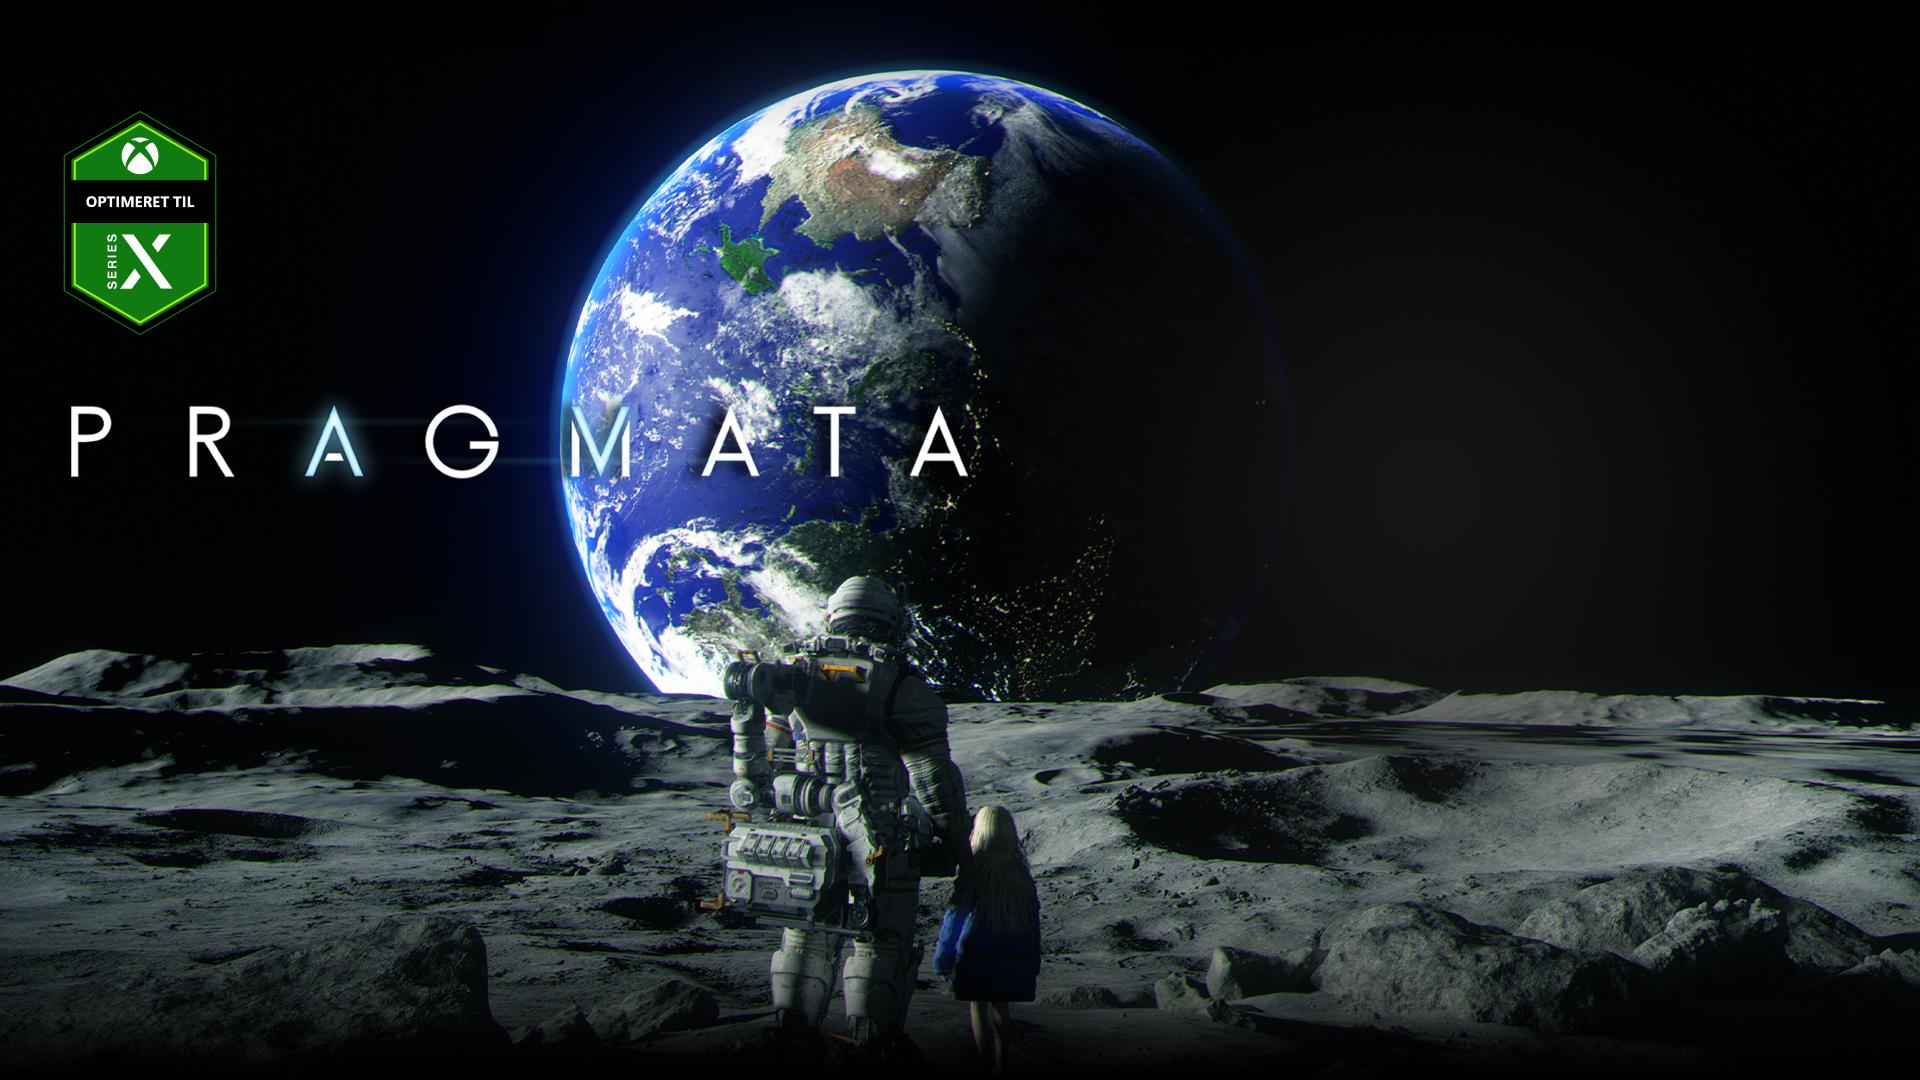 Optimeret til Xbox Series X-logo, Pragmata, En astronaut og en ung pige kigger på Jorden, mens de står sammen på månen